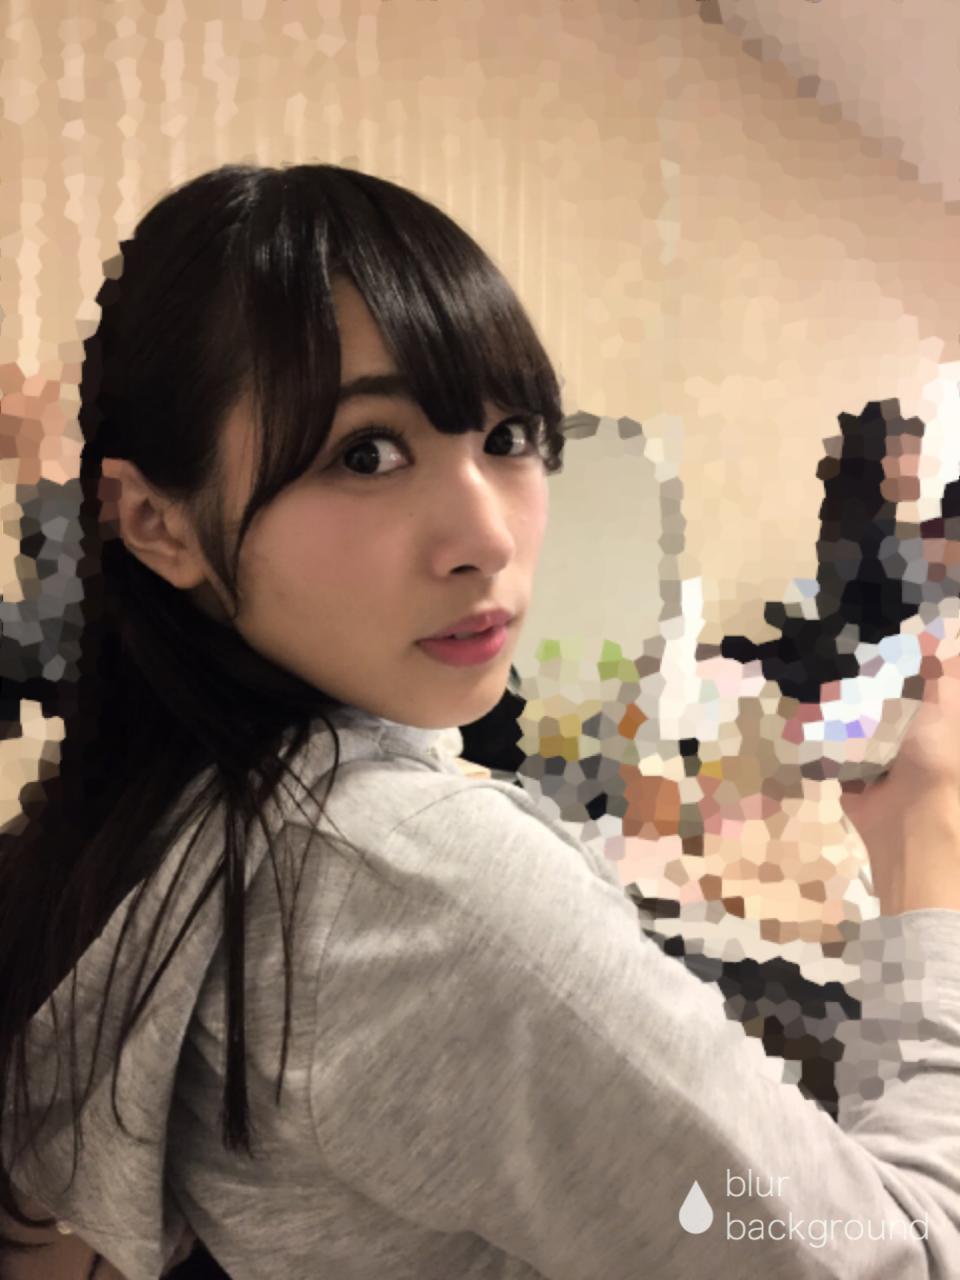 欅坂のメンバー仲はどうなっている?【欅って、書けない?】 | 芸能ニュース・画像・まとめ・現在